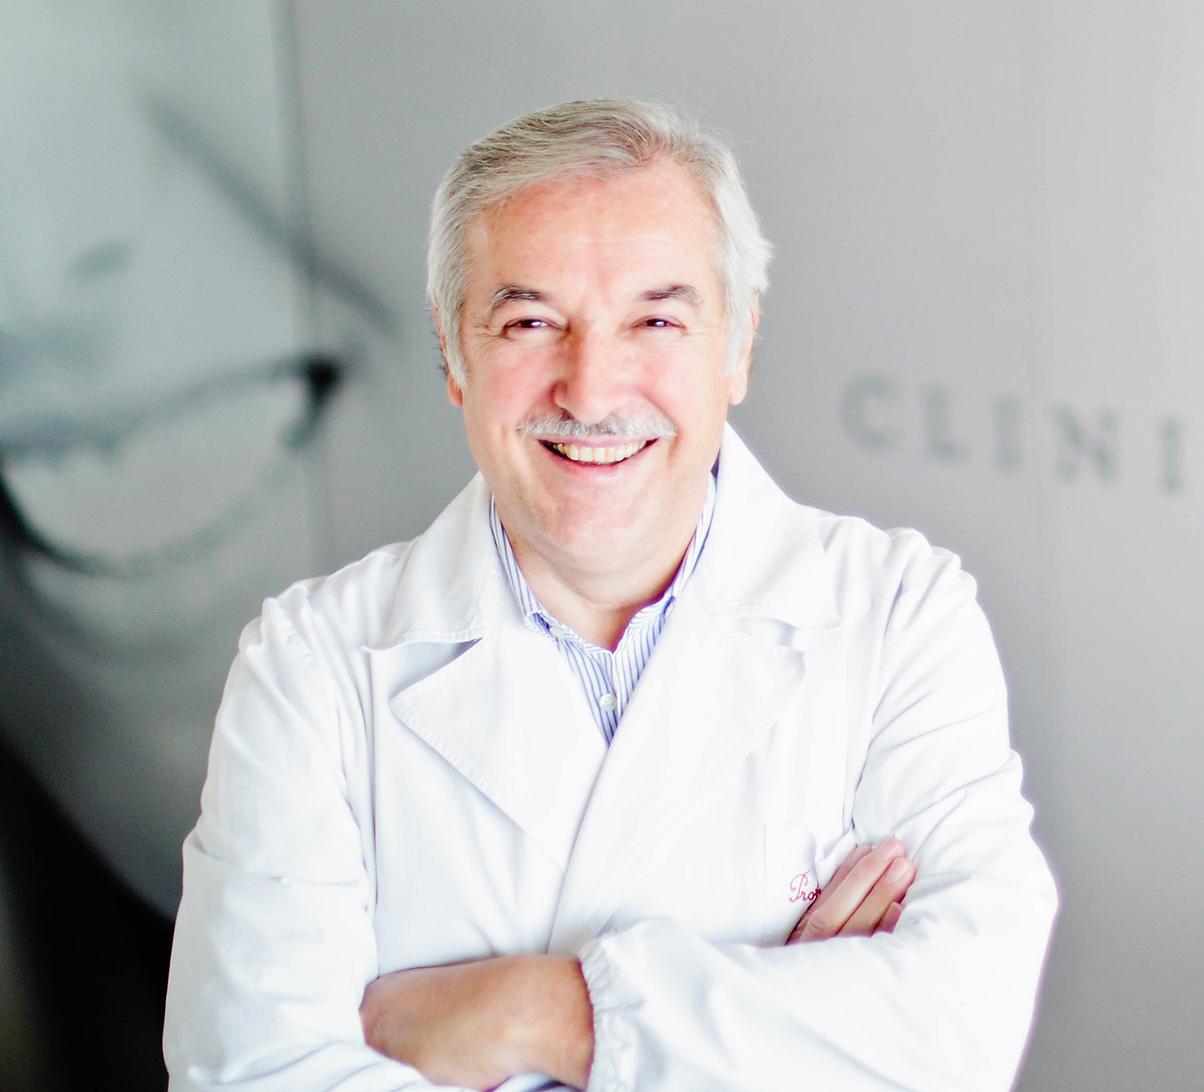 Prof. Gian Antonio Favero